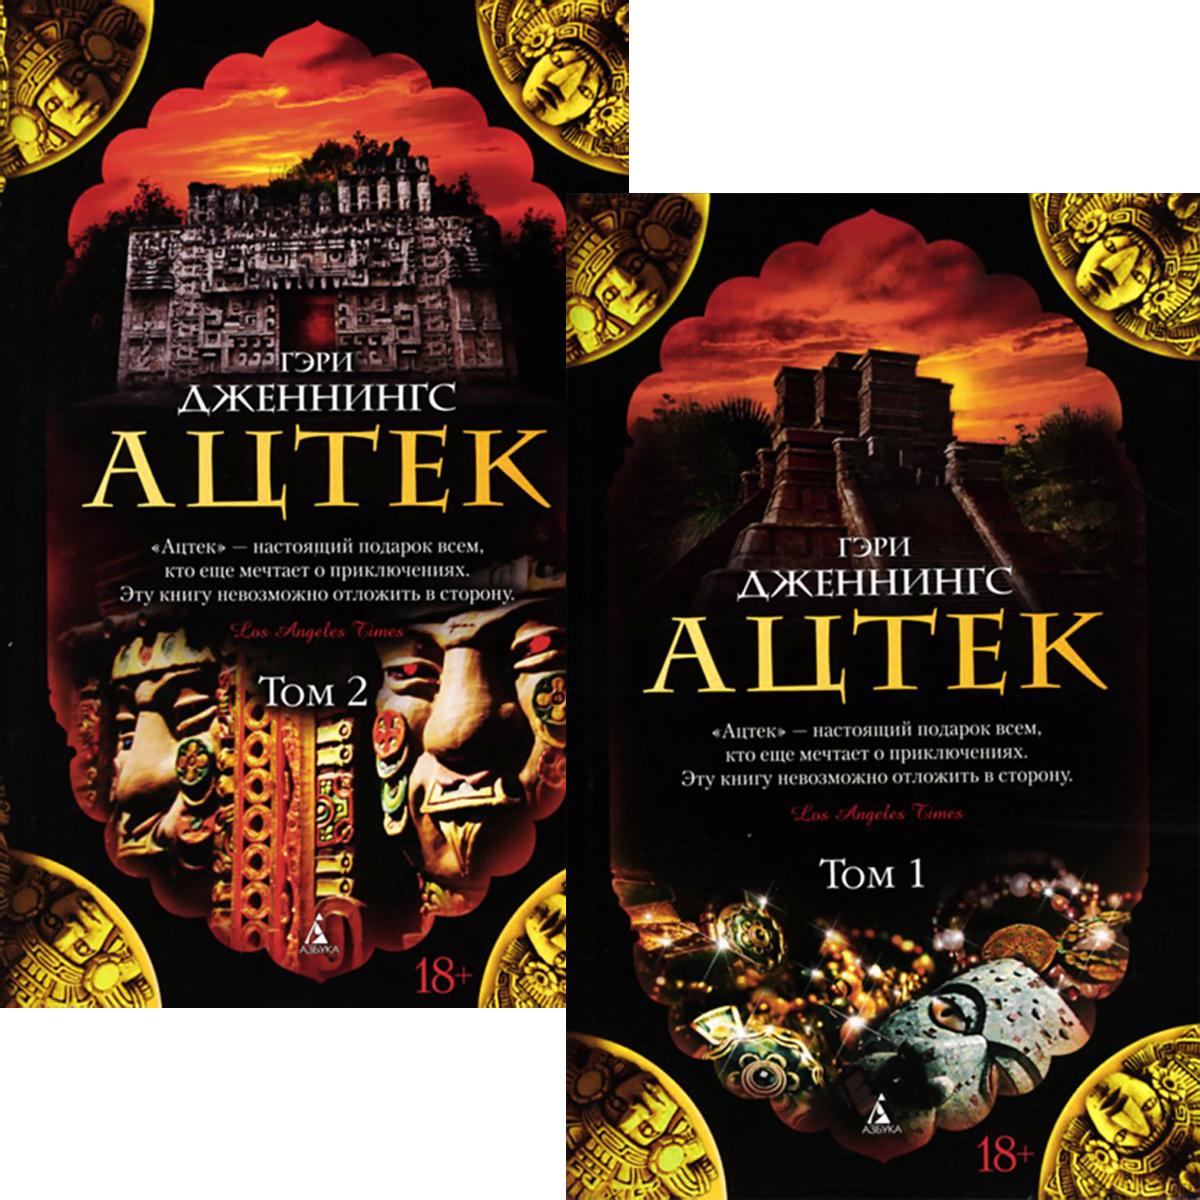 Ацтек. В 2 томах (комплект)